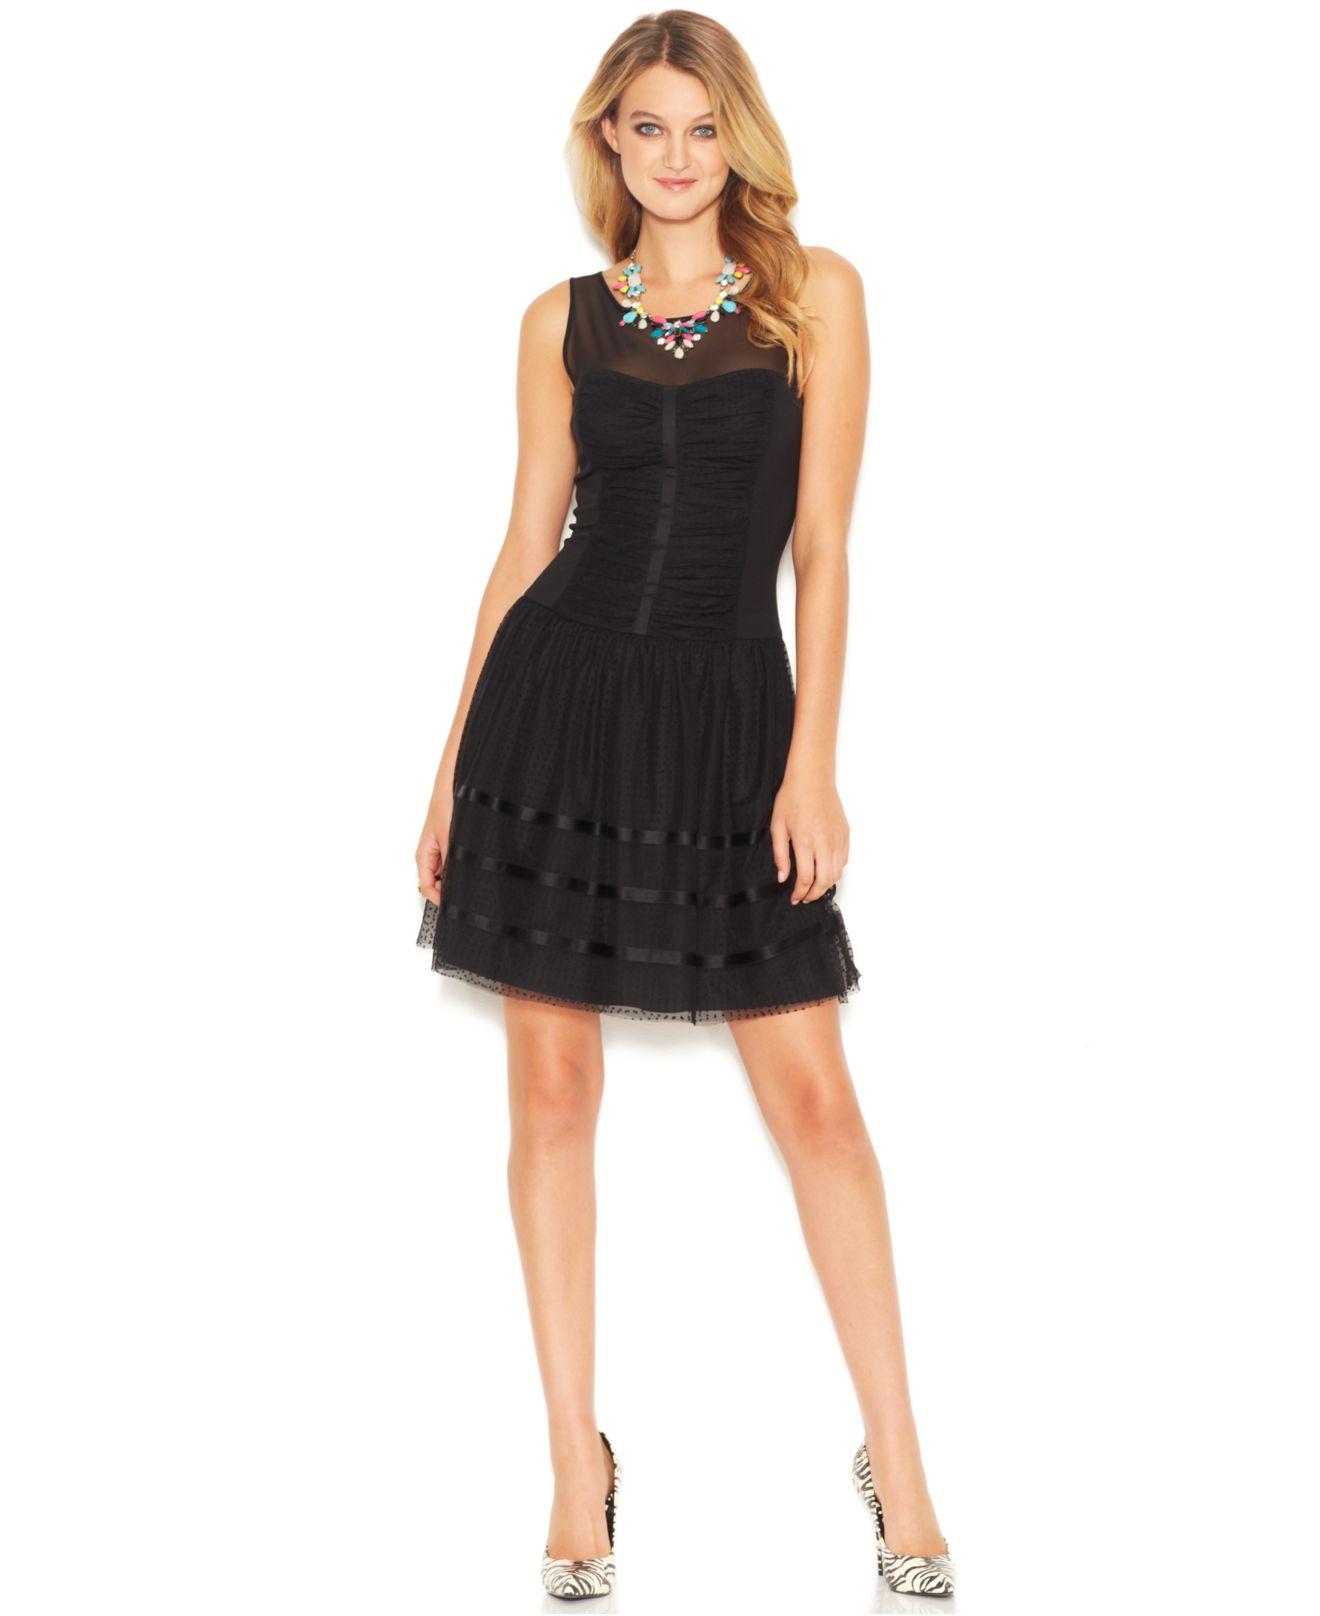 40s women fashion clothing, Kat von d website beauty